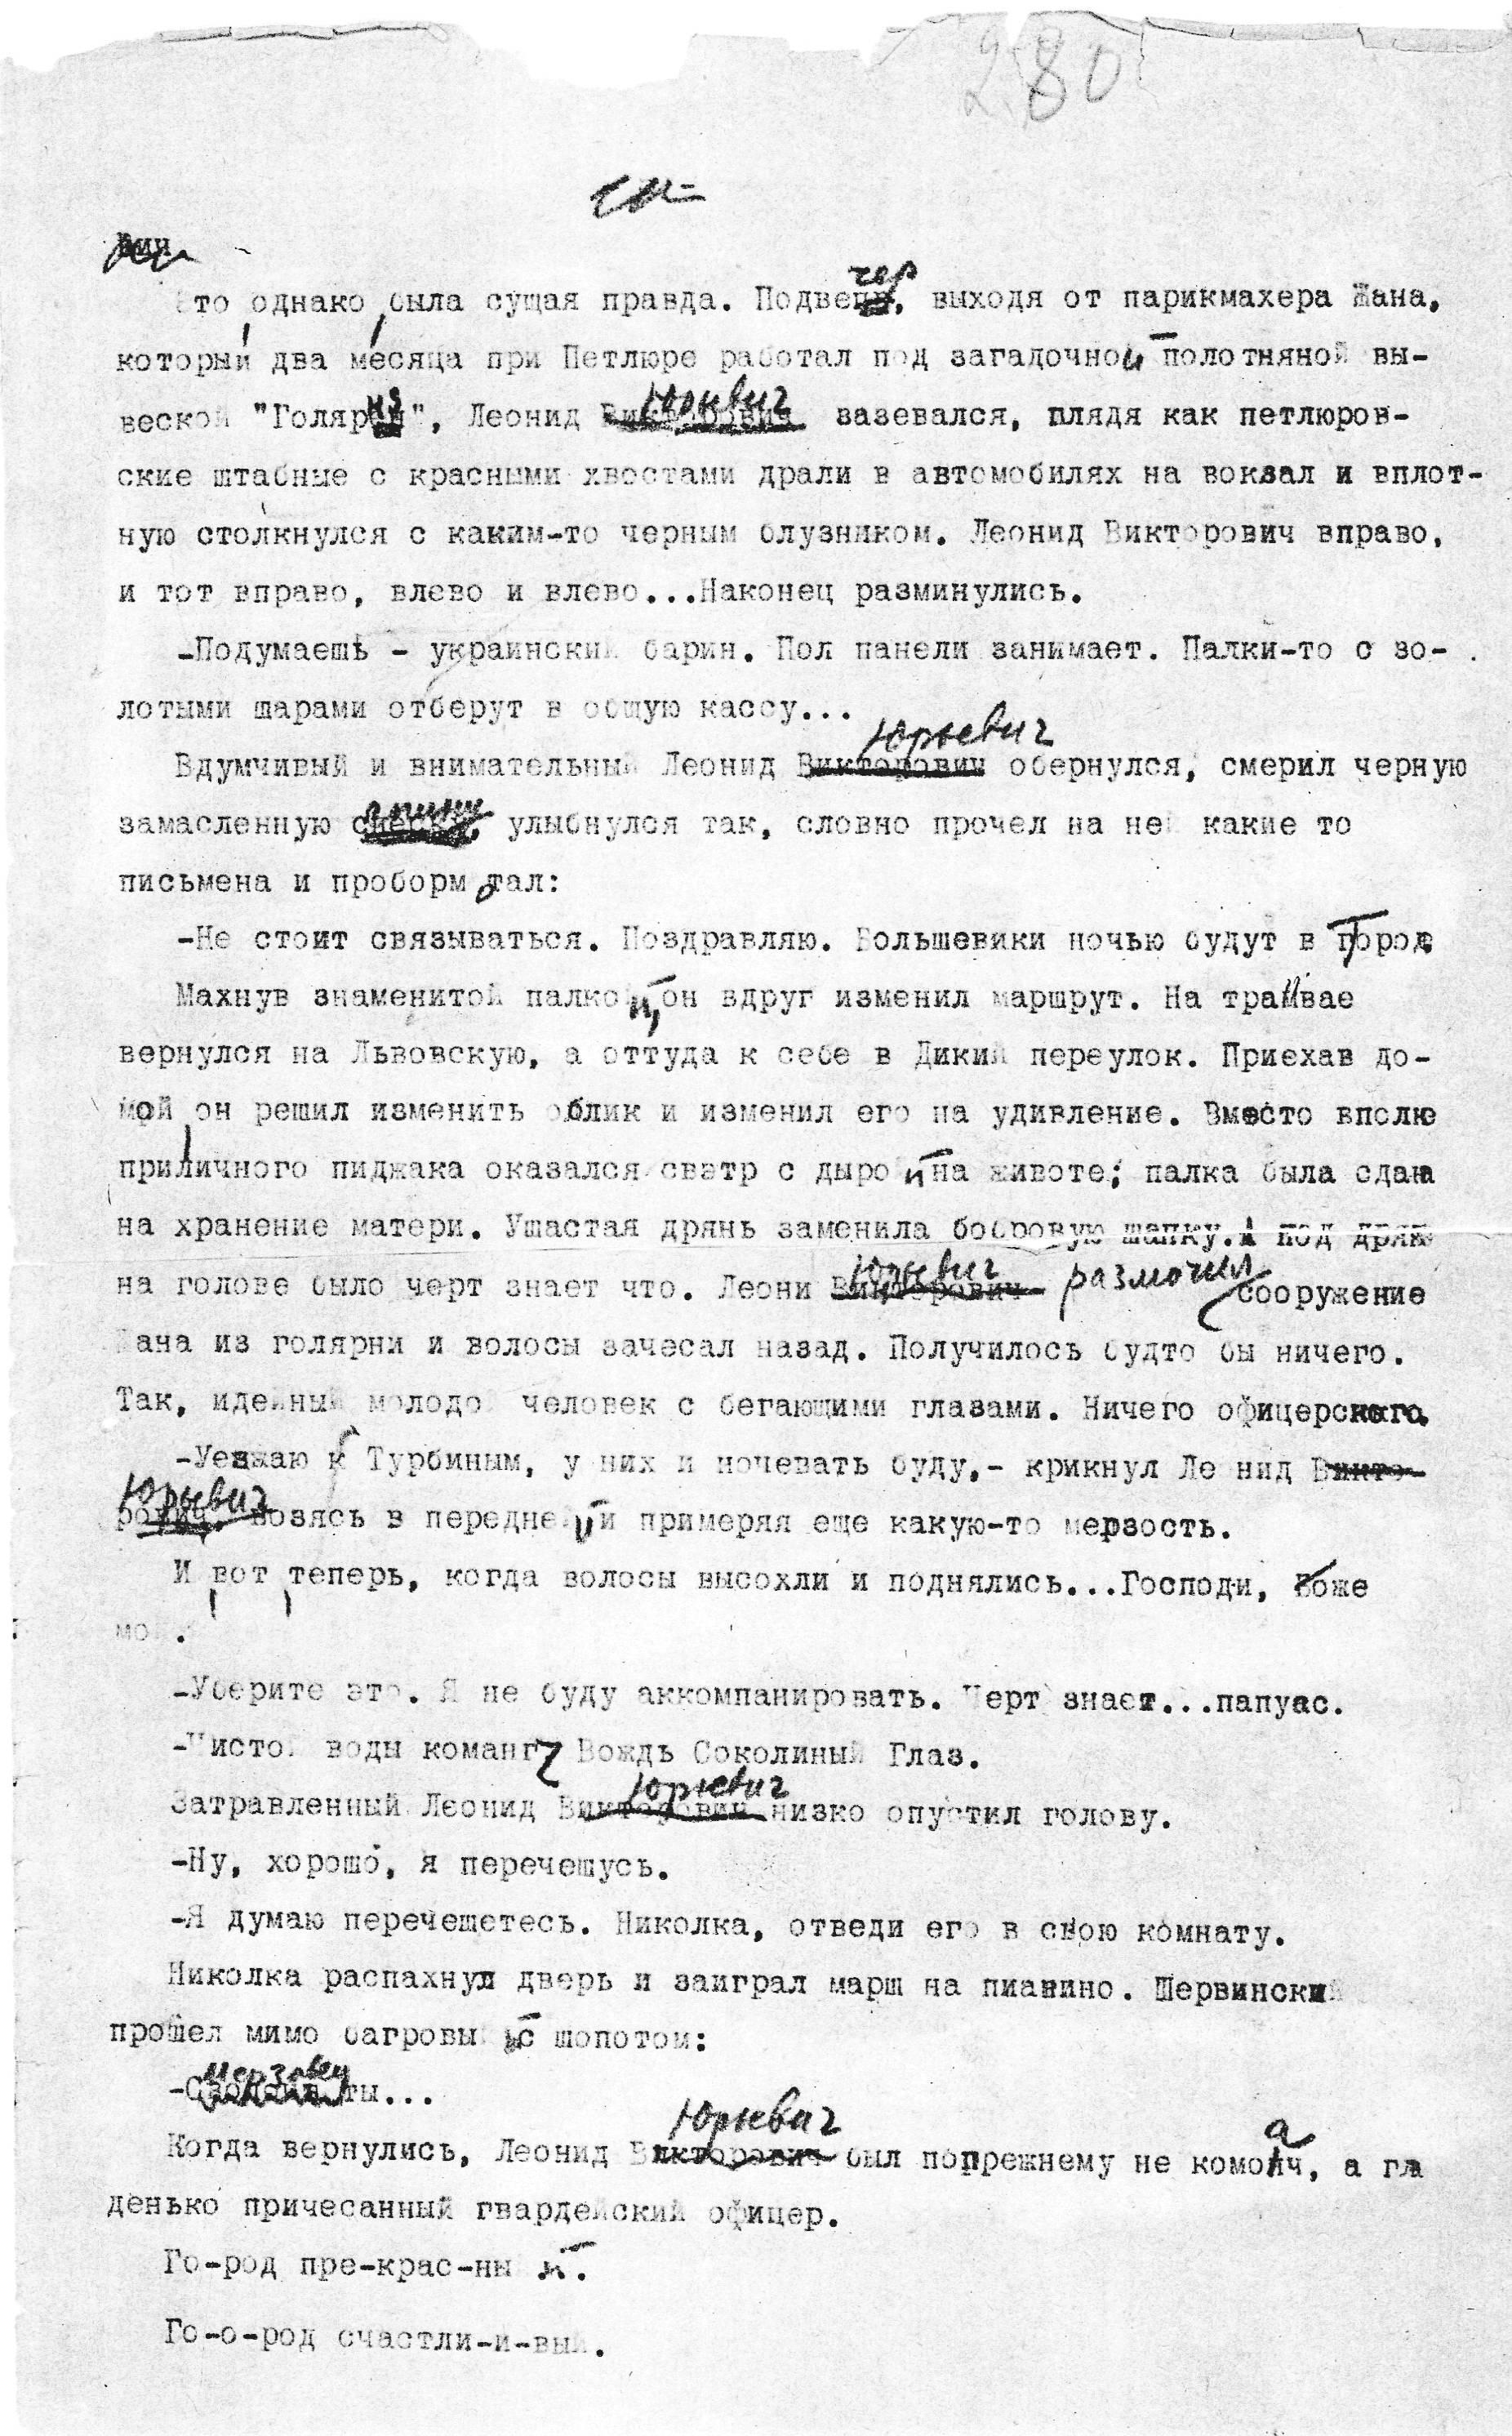 10 Bulgakov 21 10 001